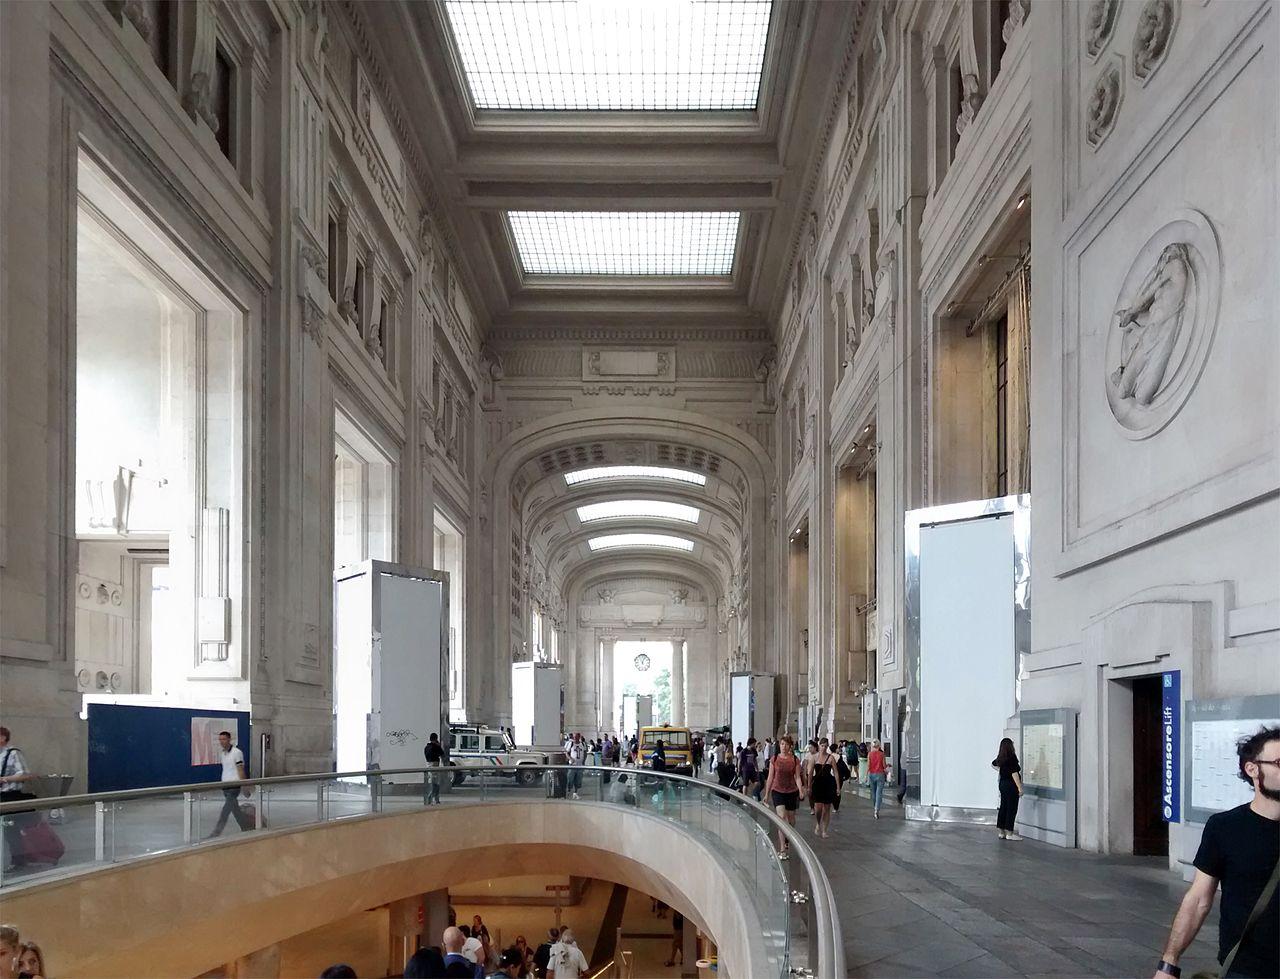 31Stazione-Milano-Centrale-Galleria-delle-Carrozze-07-2014.jpg